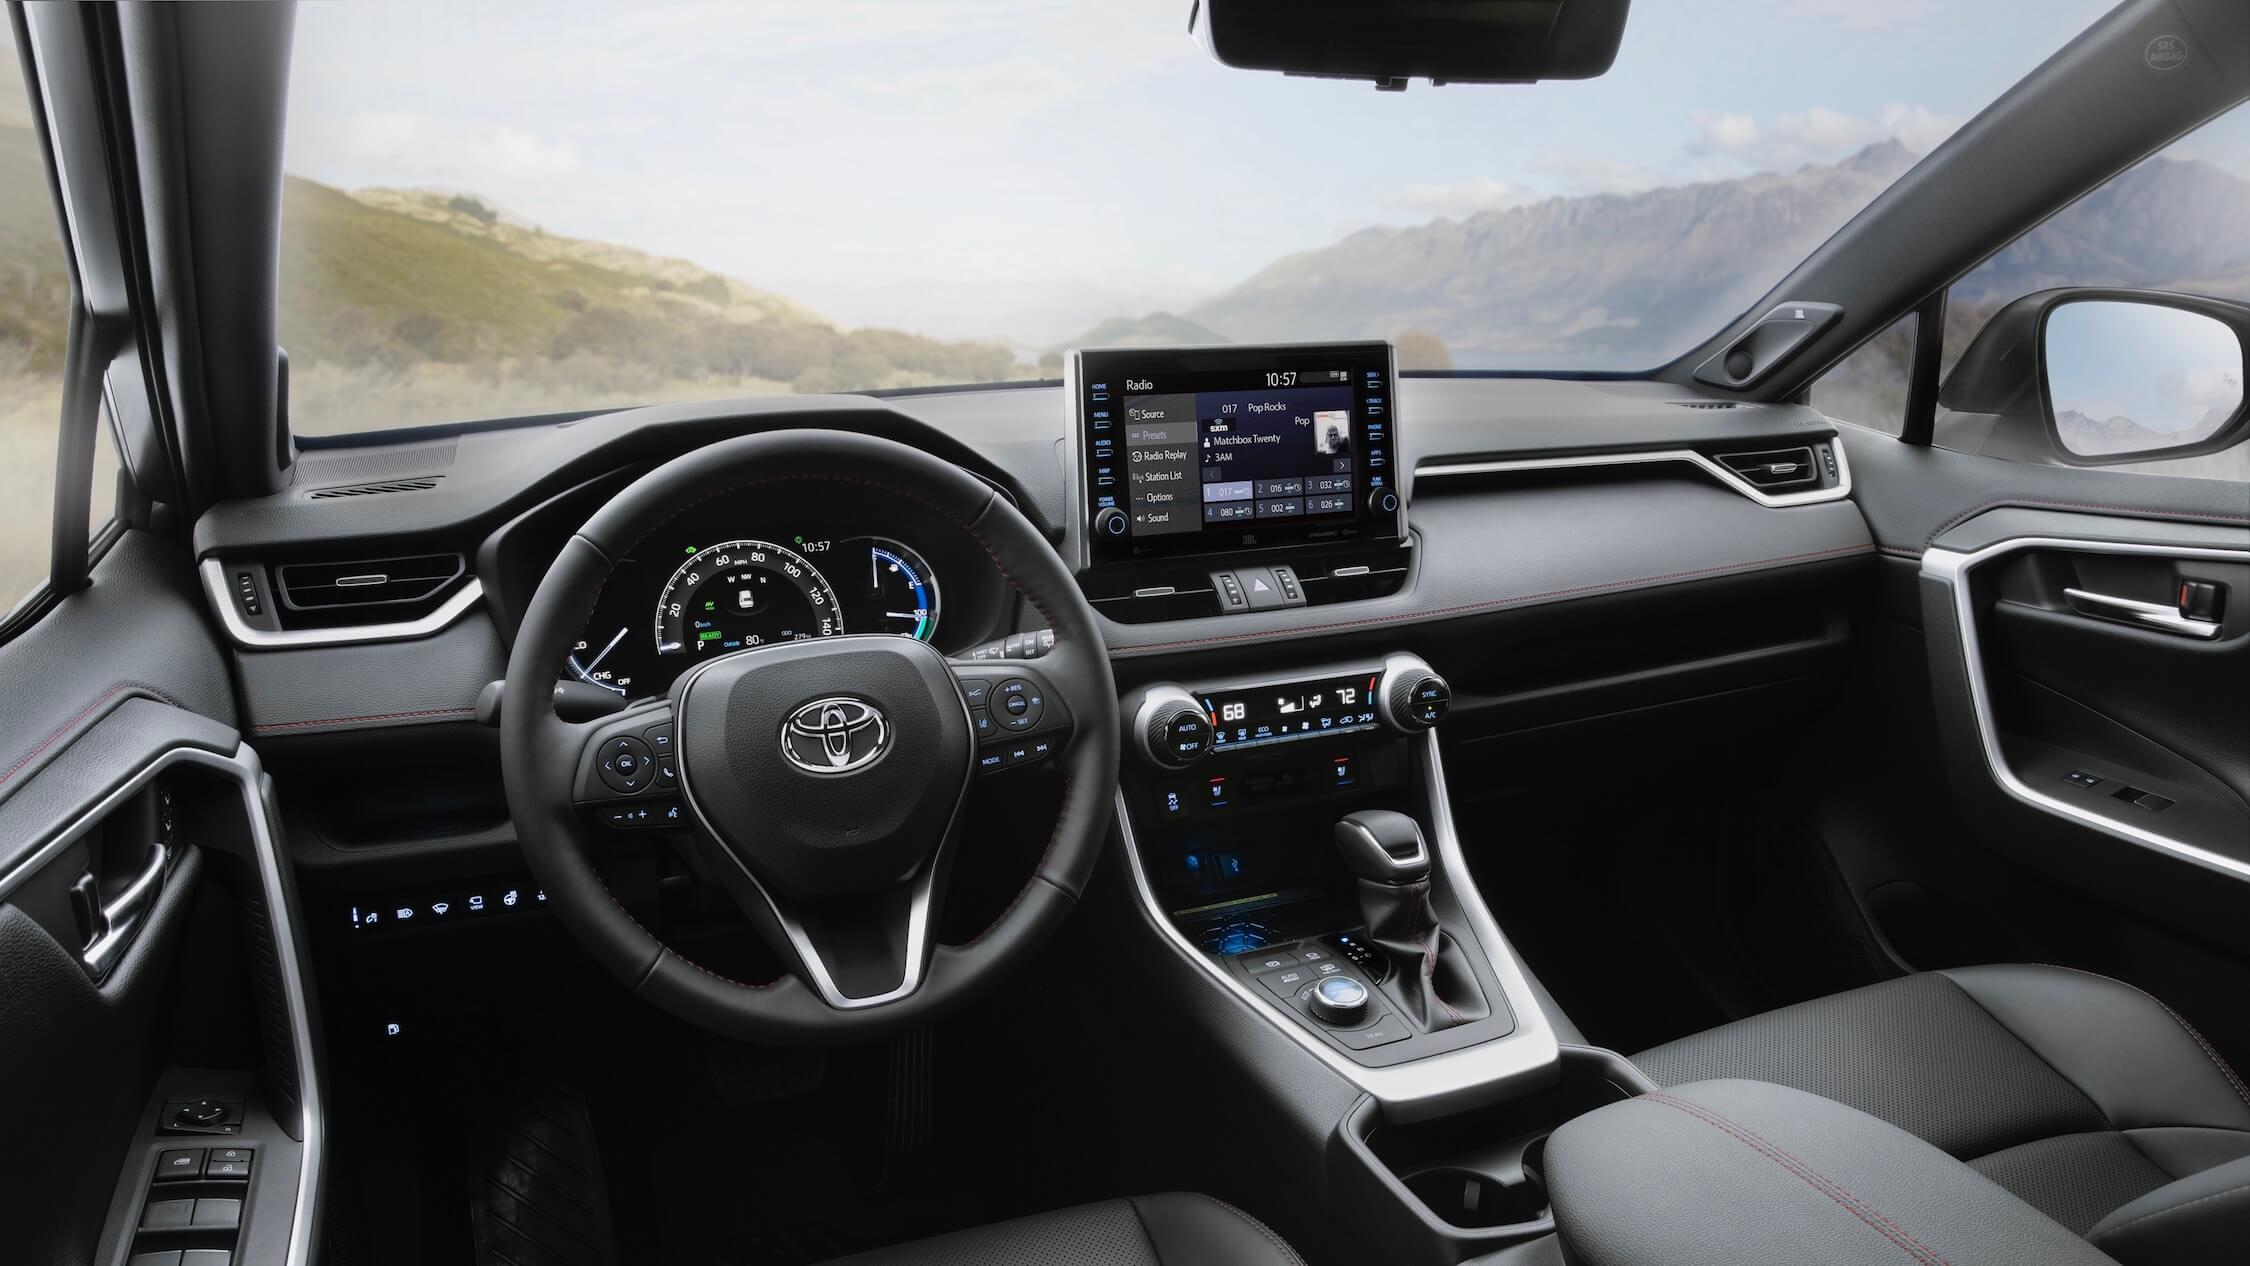 Toyota RAV4 PHEV interior